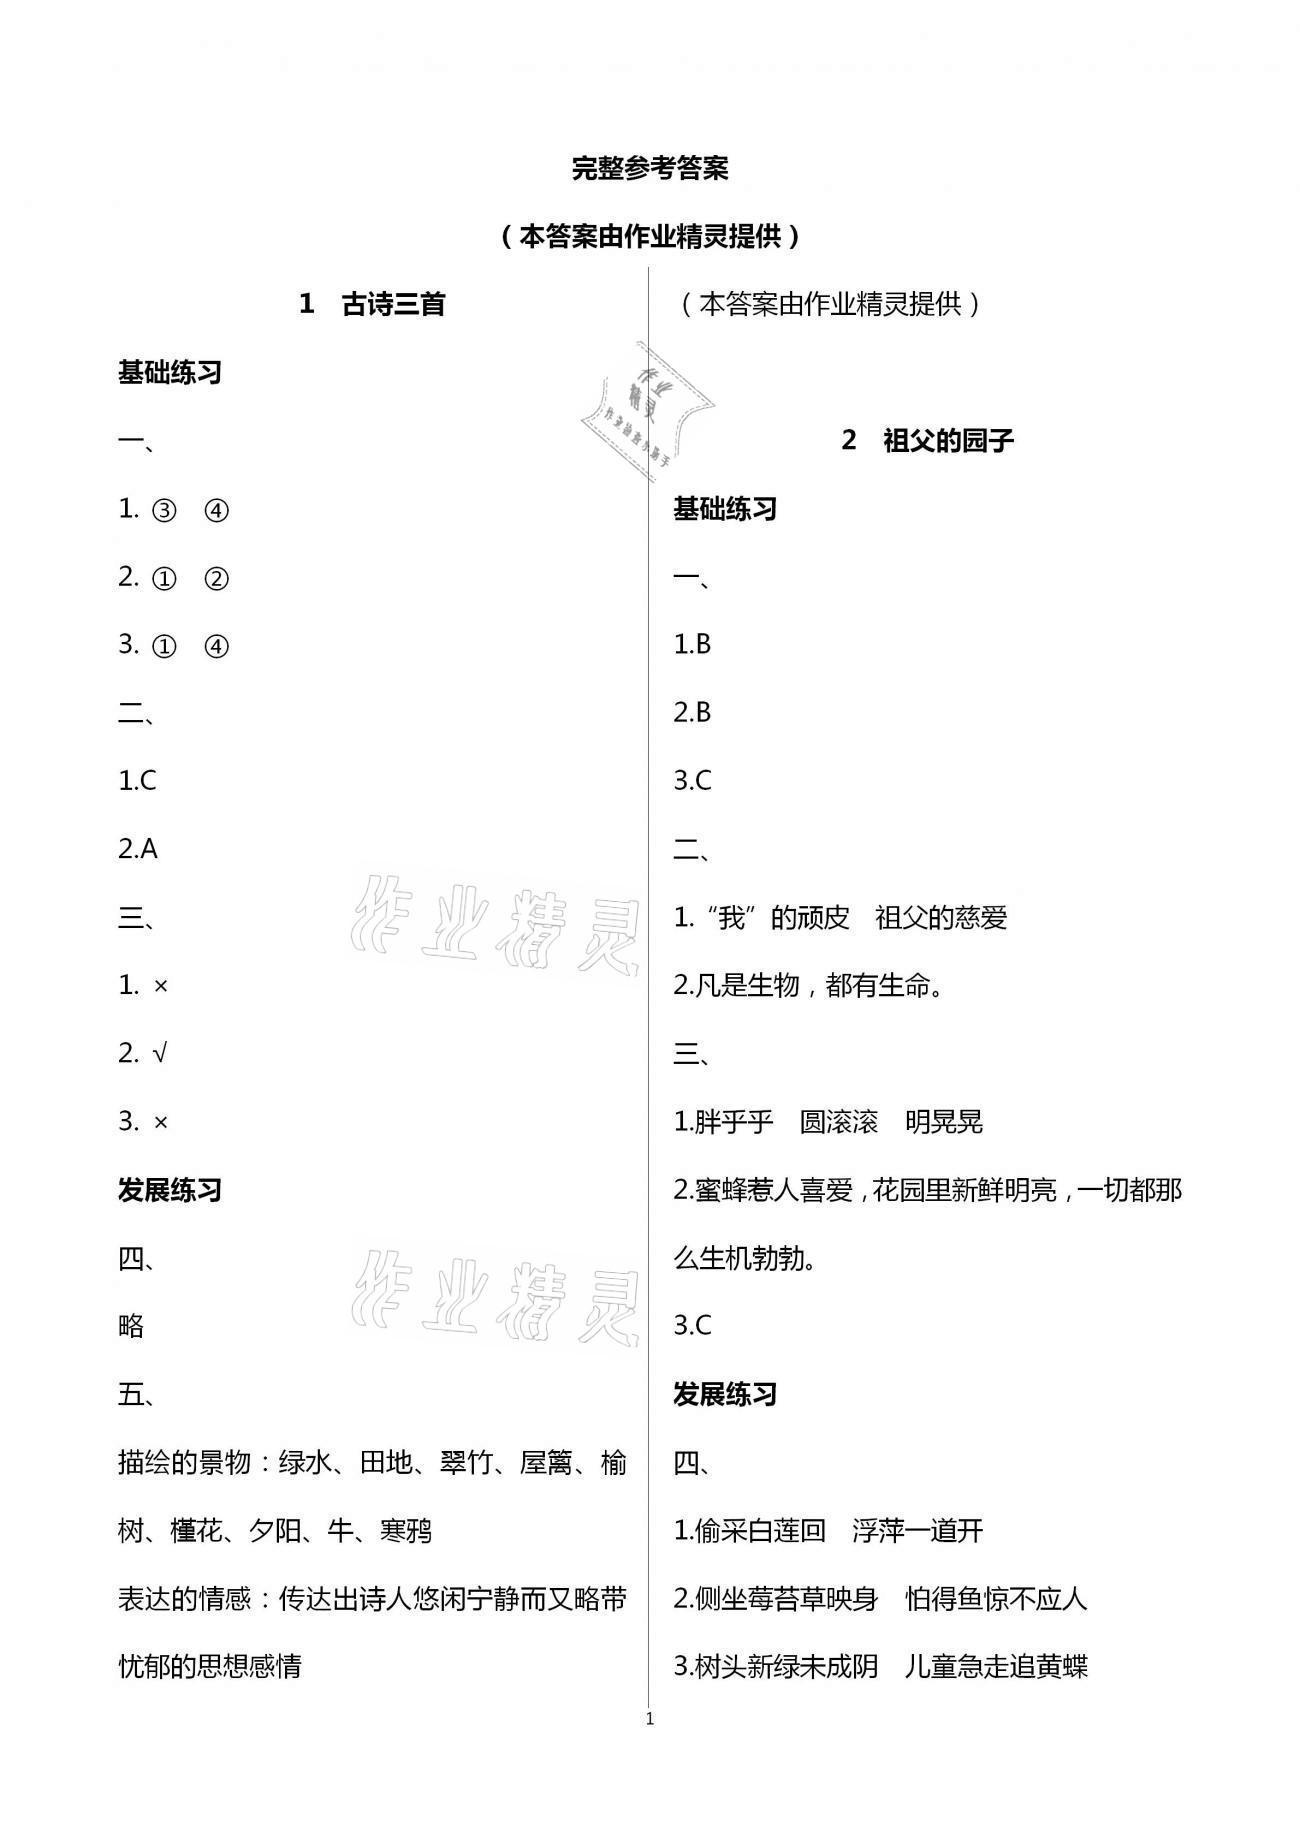 2021年练习与测试五年级语文下册人教版参考答案第1页